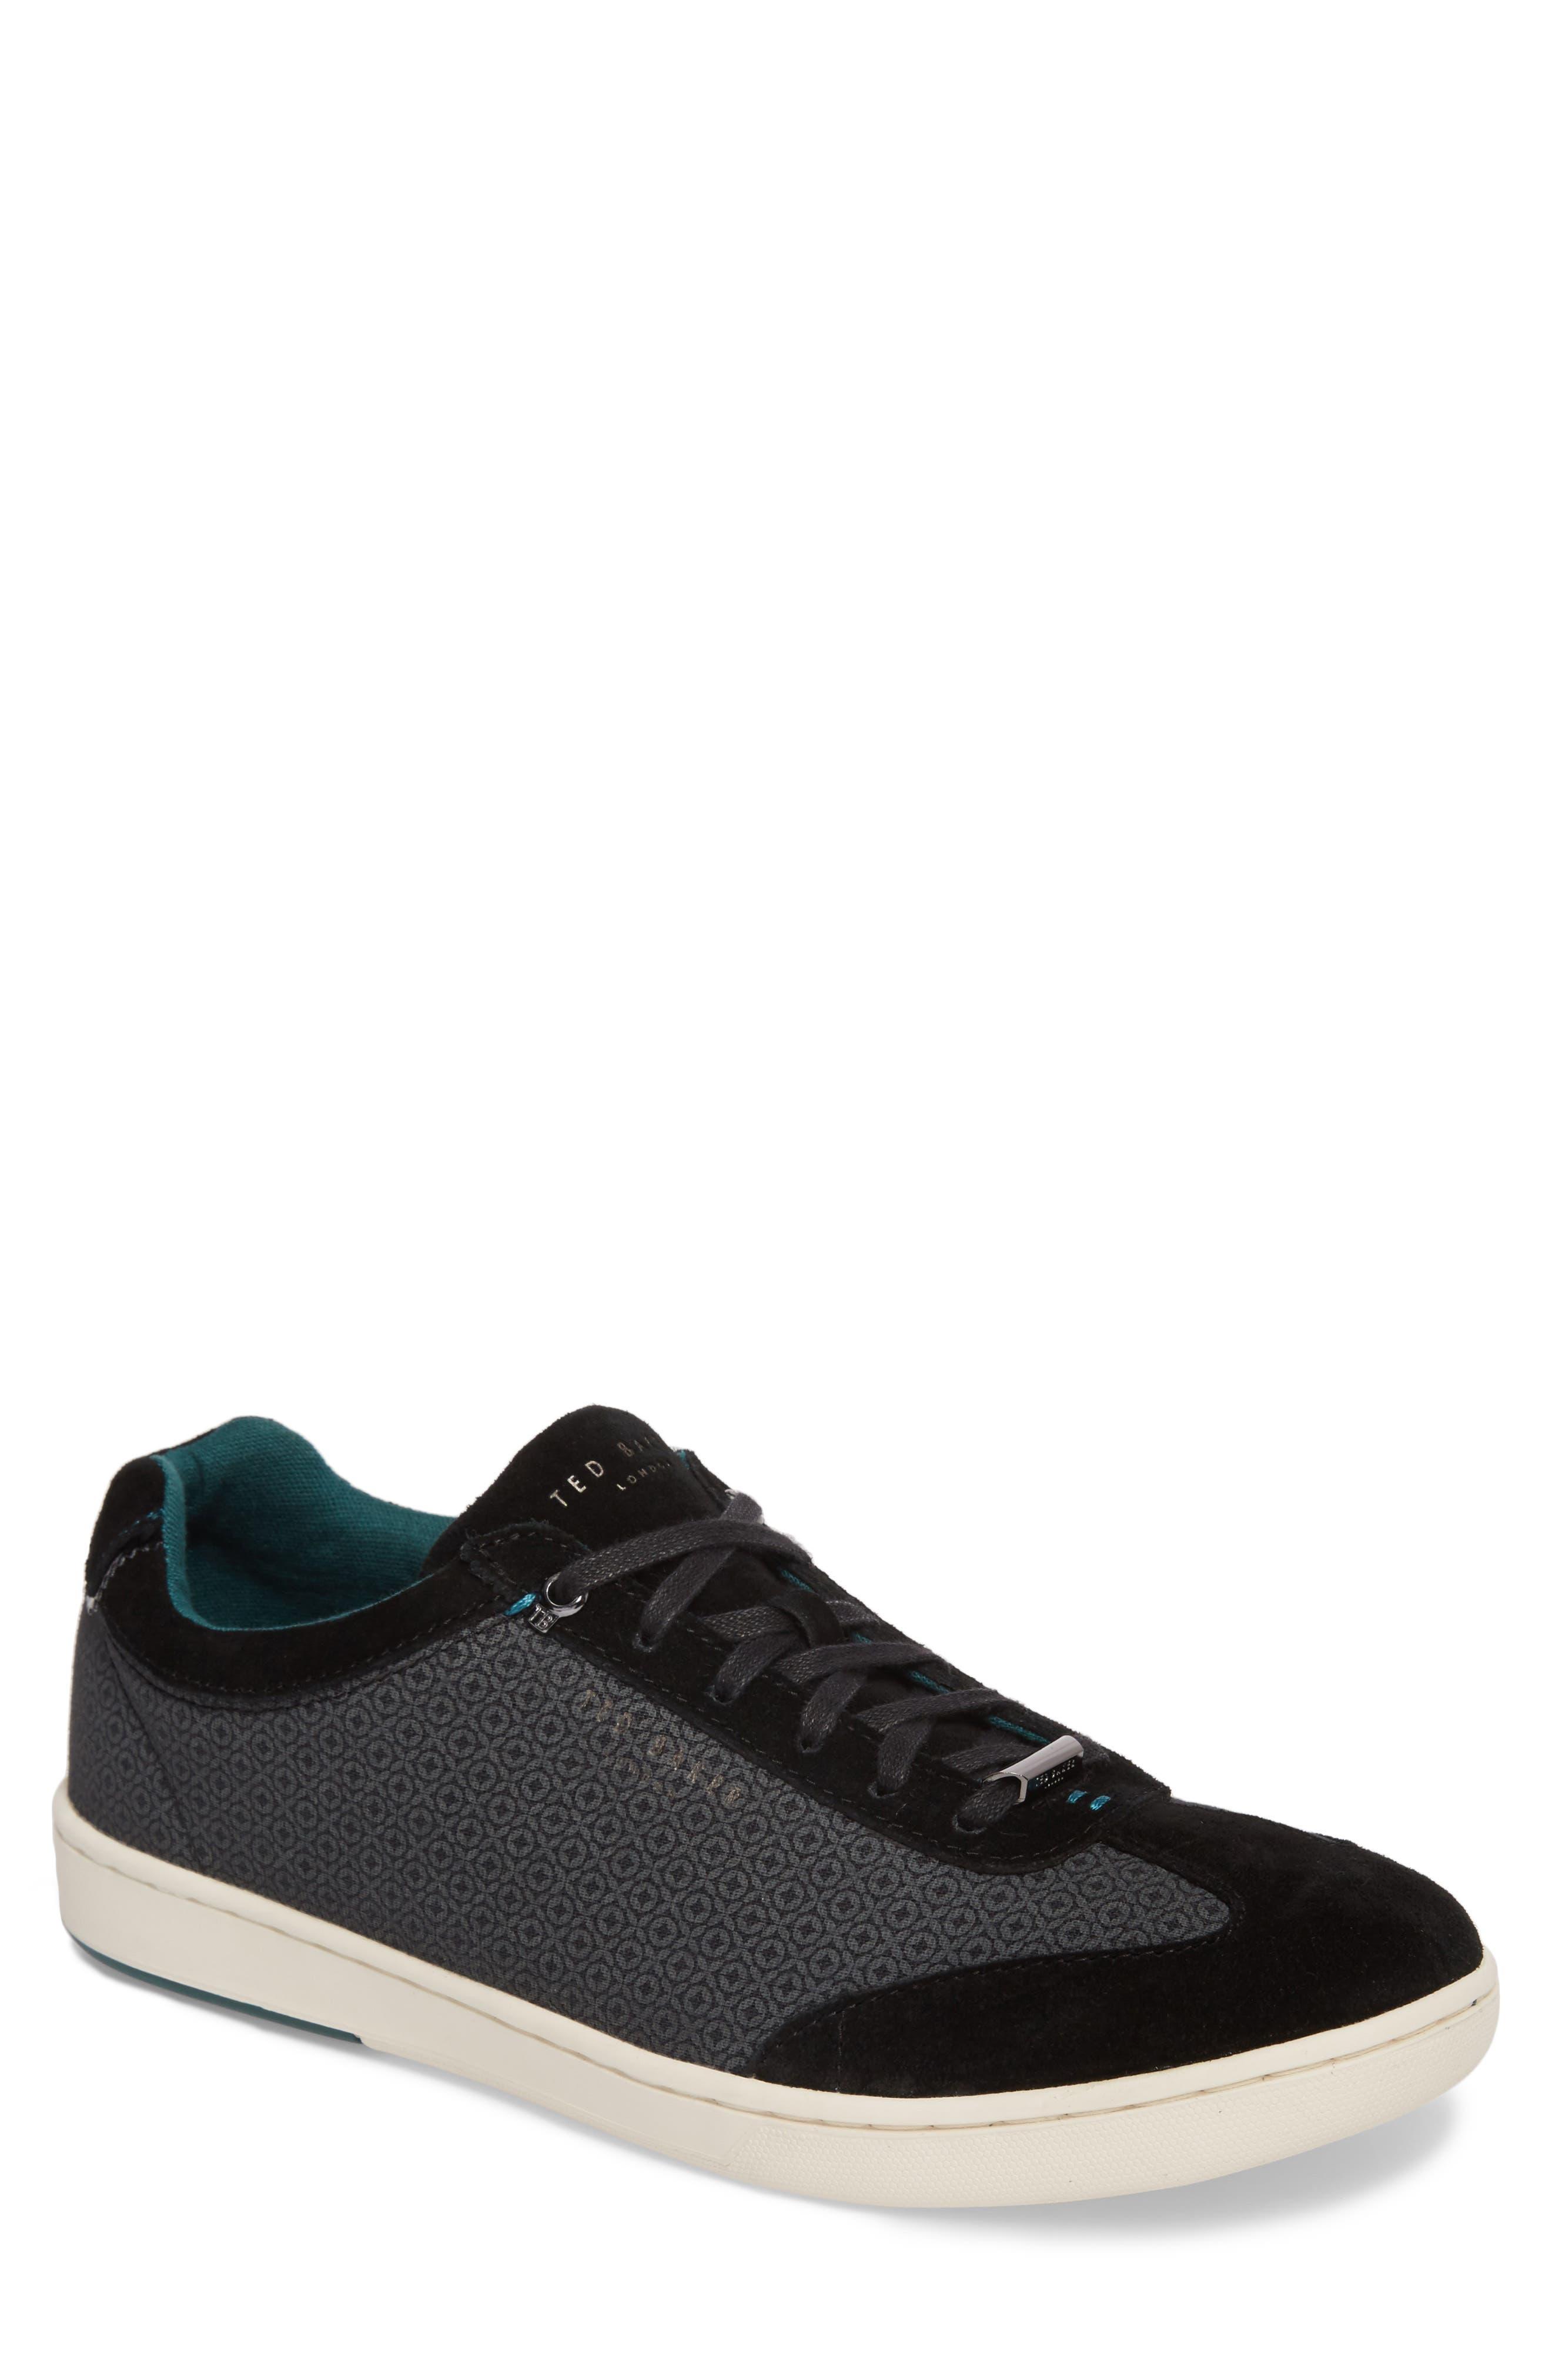 Kiefer Sneaker,                             Main thumbnail 1, color,                             Black Suede